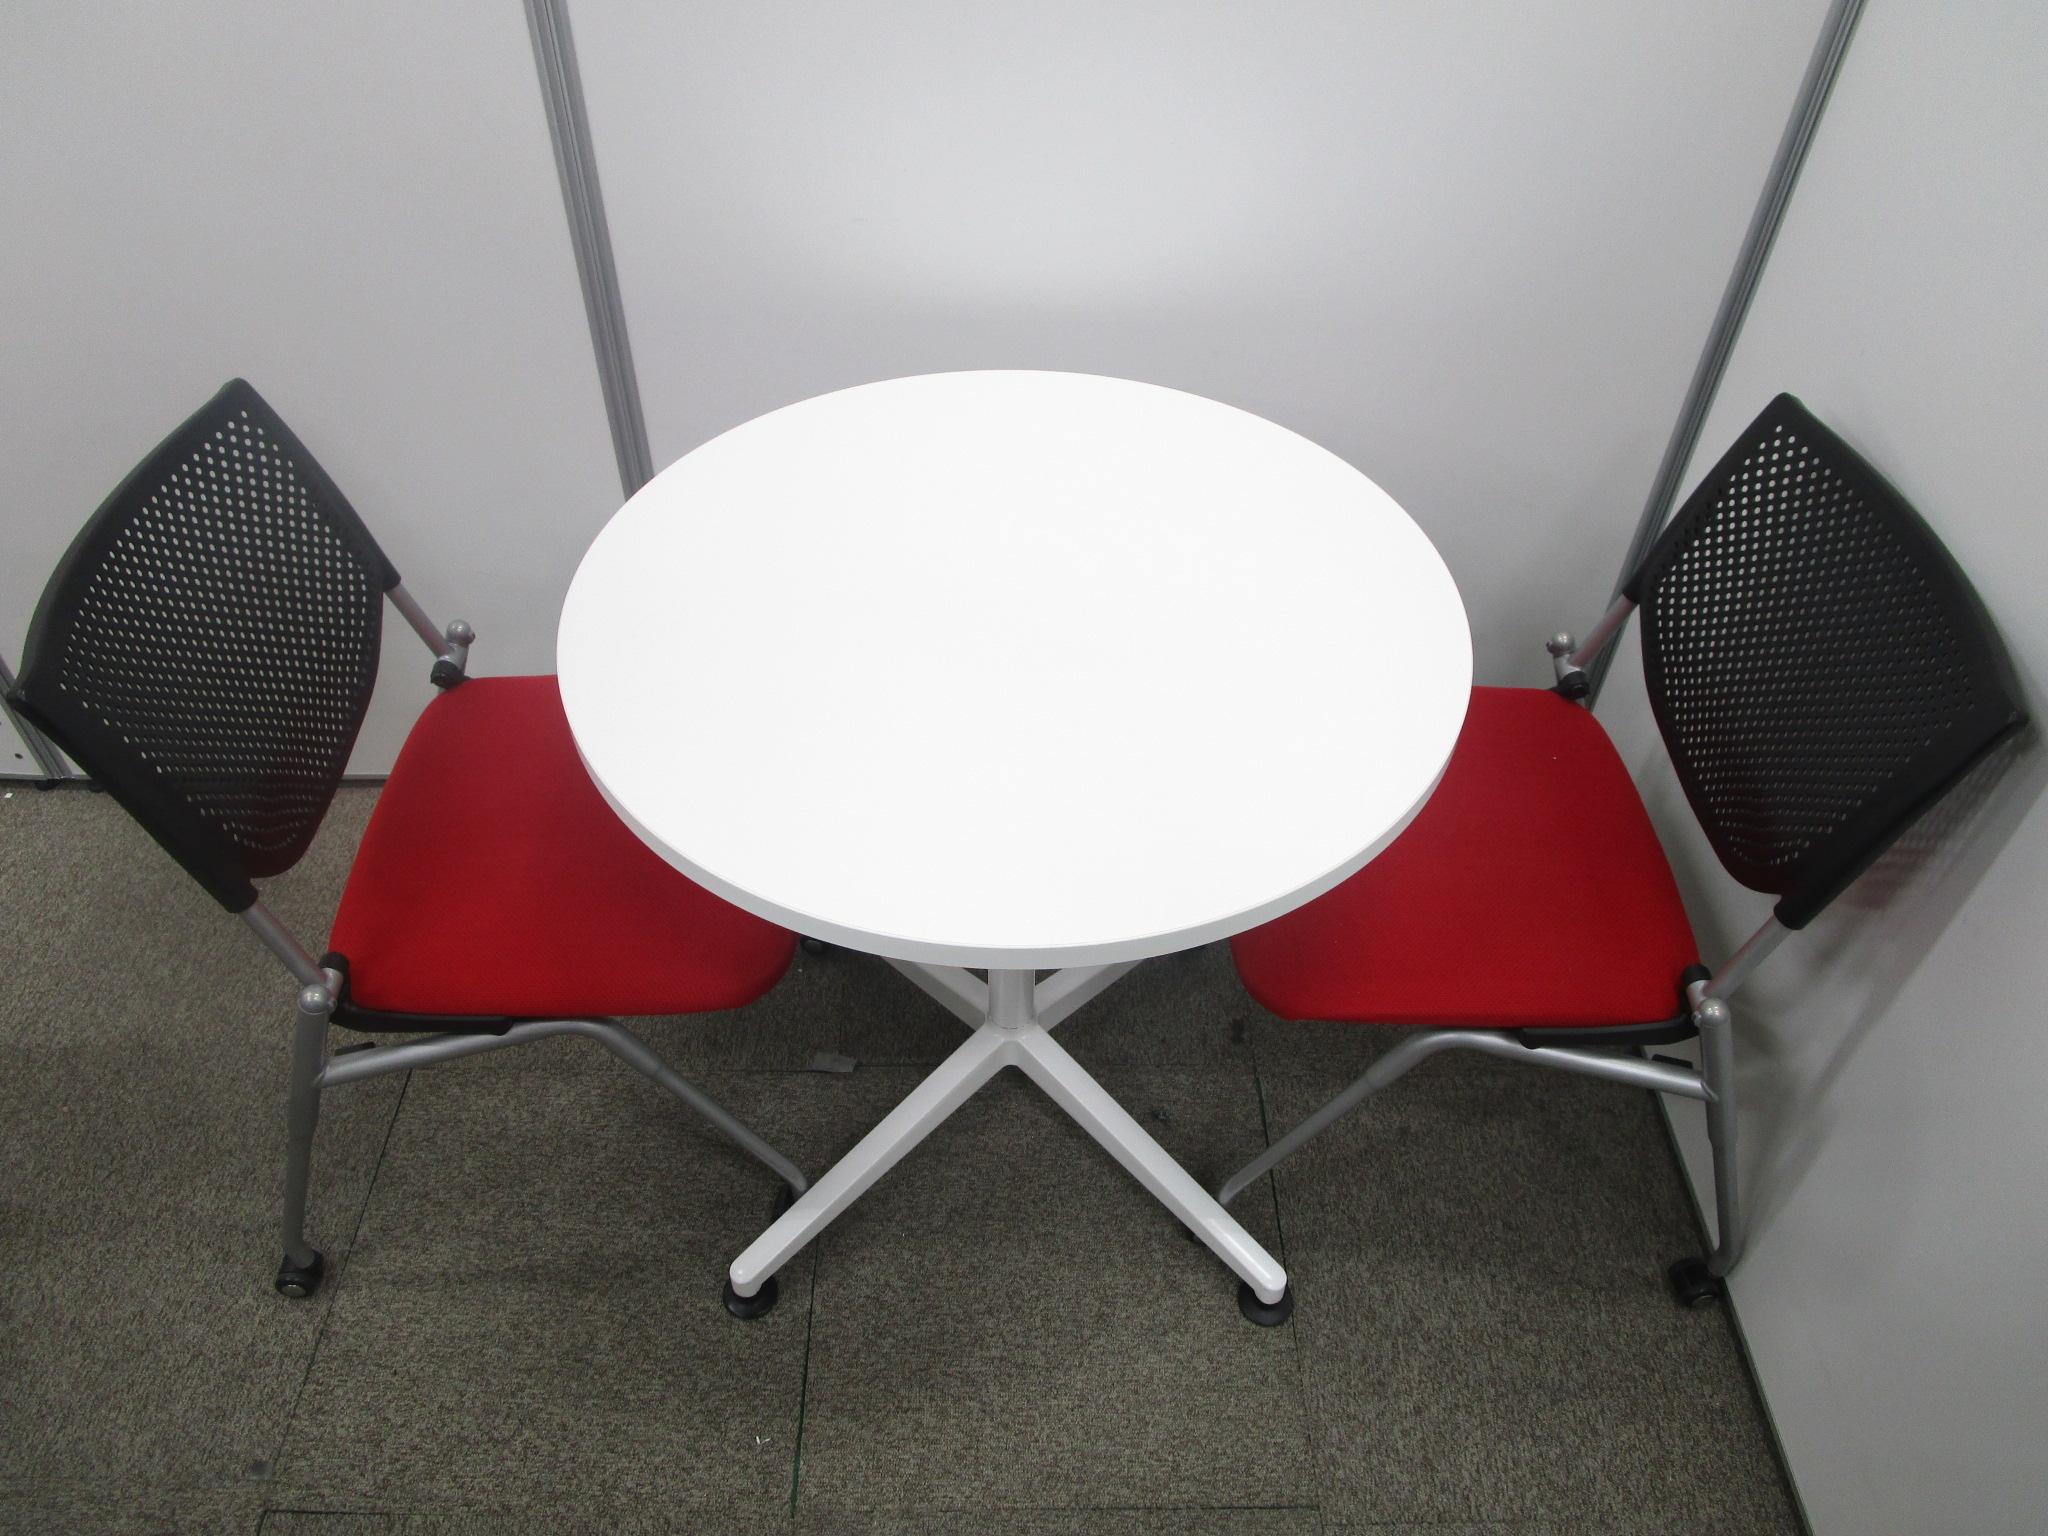 【レッドチェア2脚とホワイトチェアセット!】丸テーブルでレッドチェア2脚でオフィスのお客様の面談の時にピッタリ!